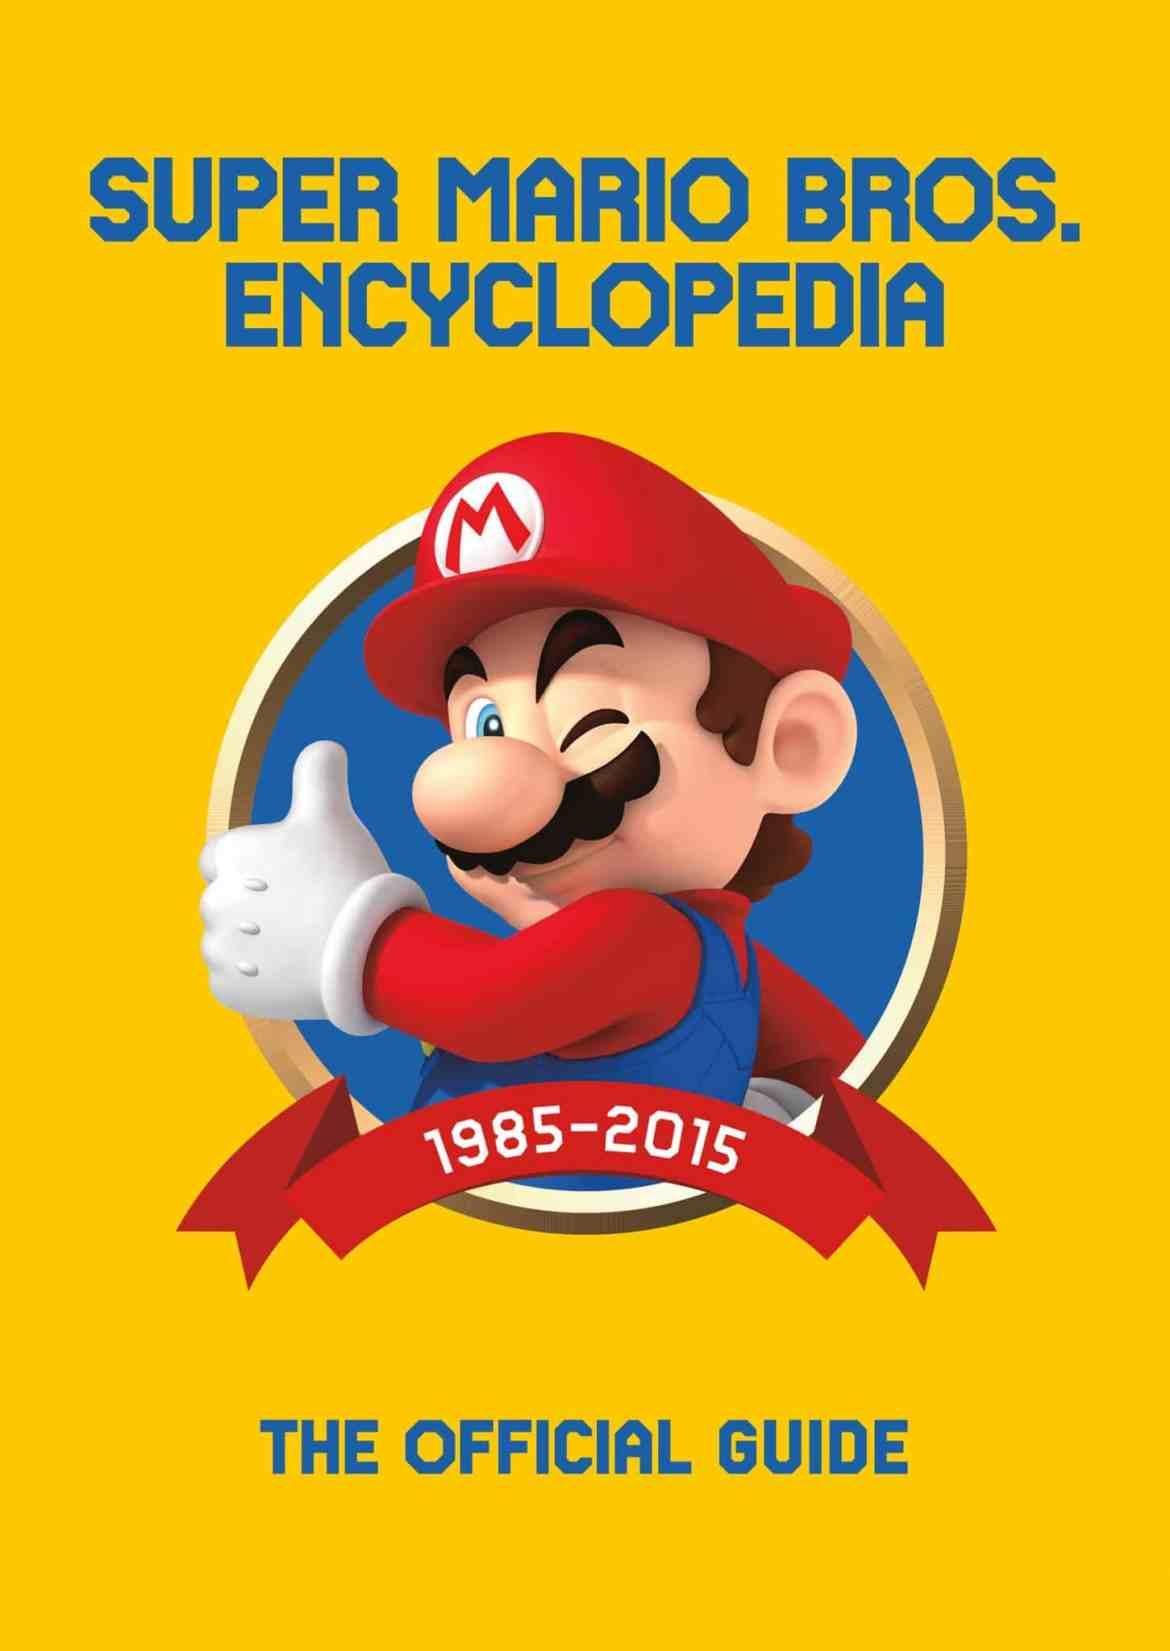 Super Mario tendrá su propia enciclopedia